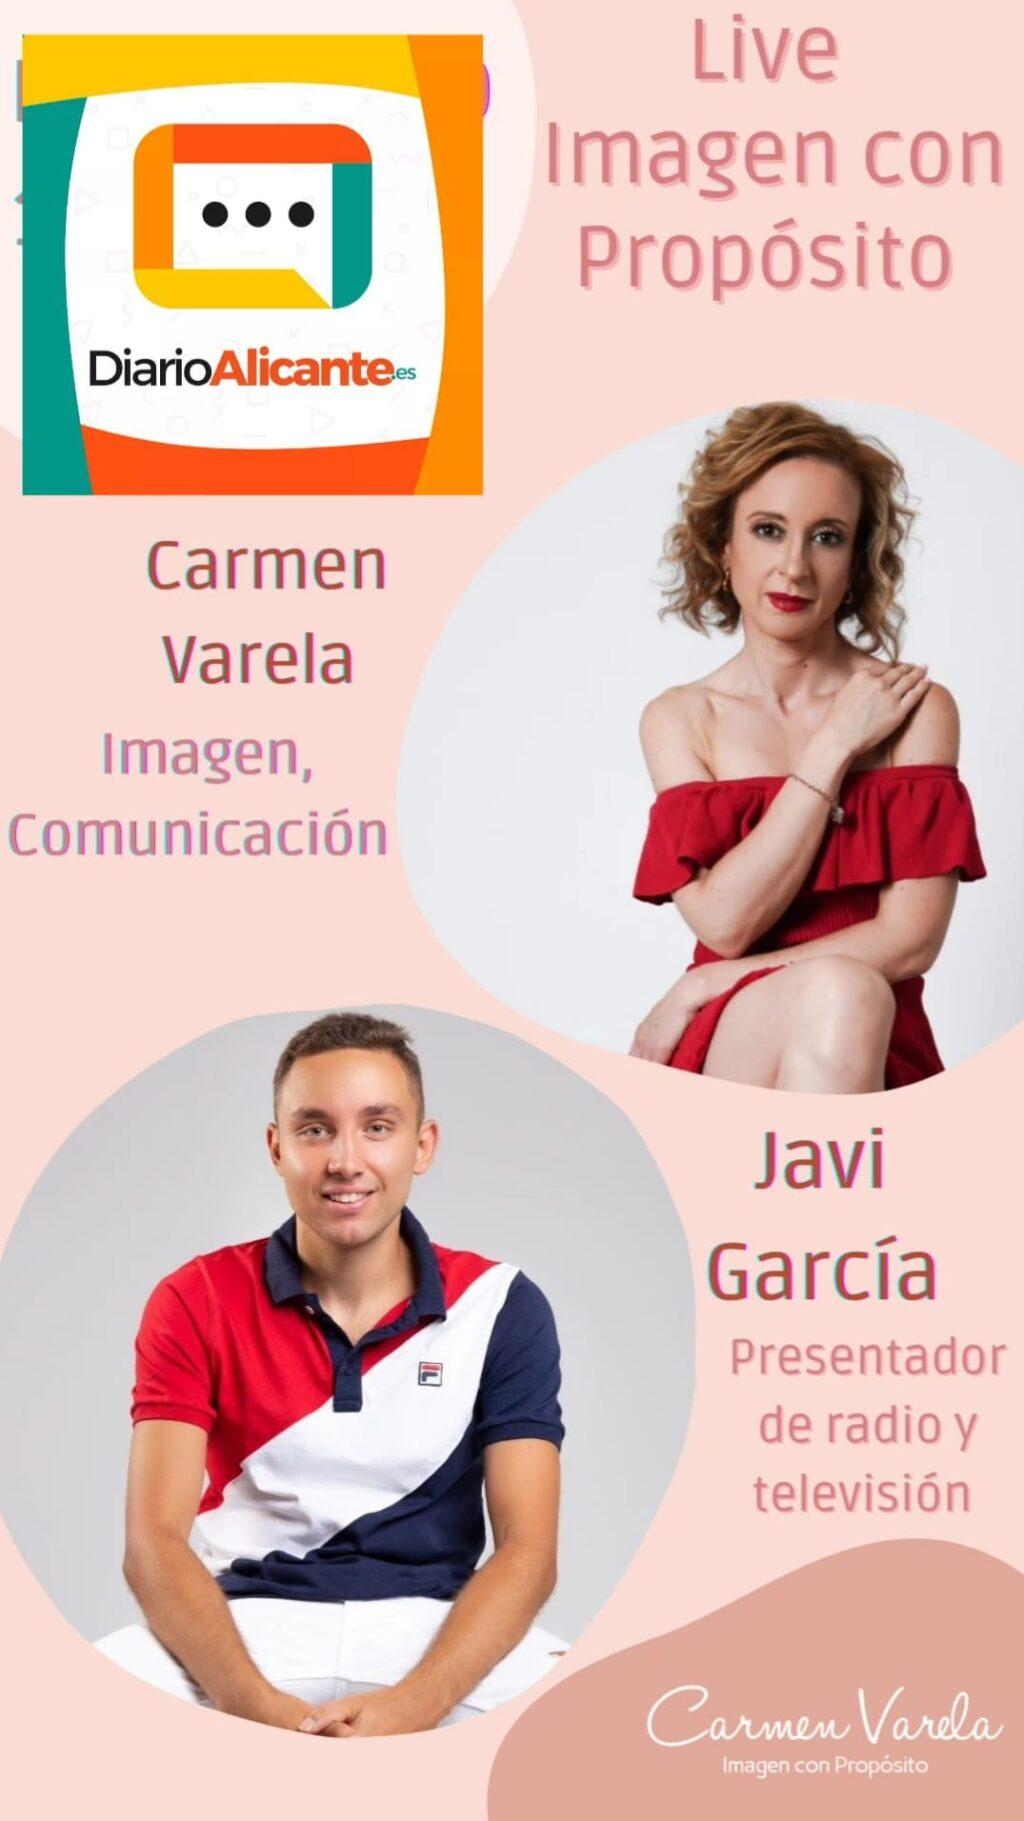 Entrevista Javi García presentador de televisión y locutor de radio